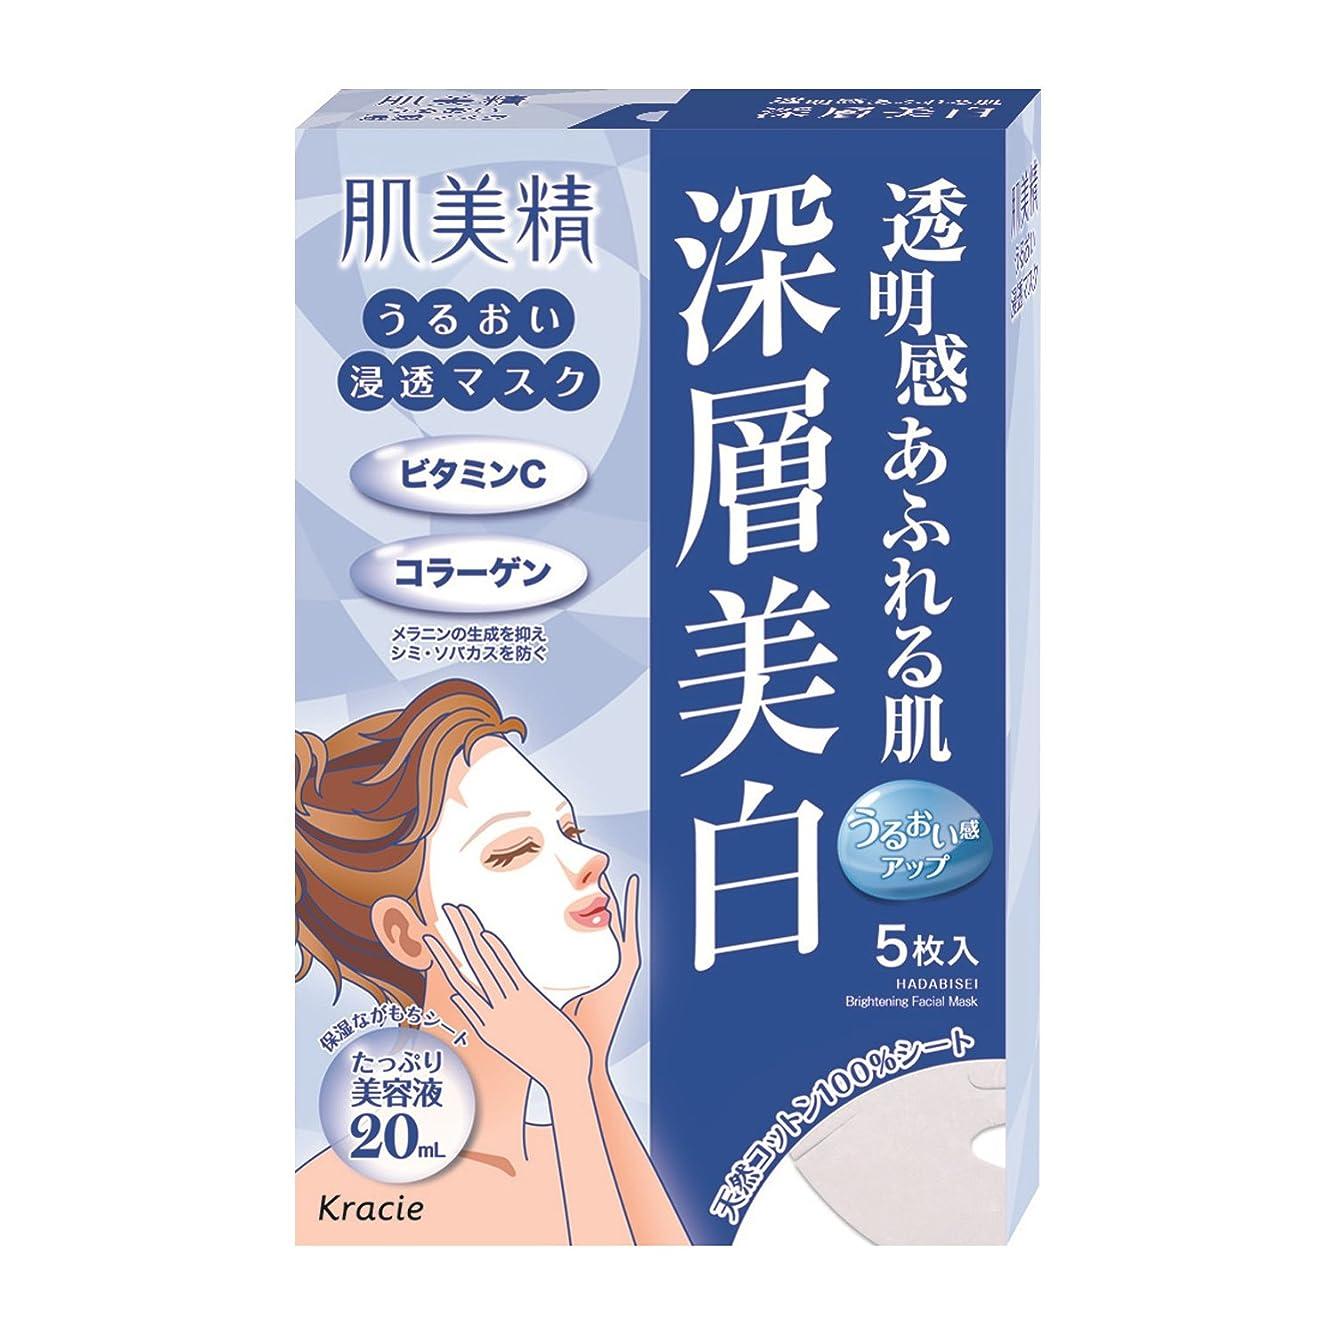 フォーマットのホスト所属肌美精 うるおい浸透マスク (深層美白) 5枚 [医薬部外品]